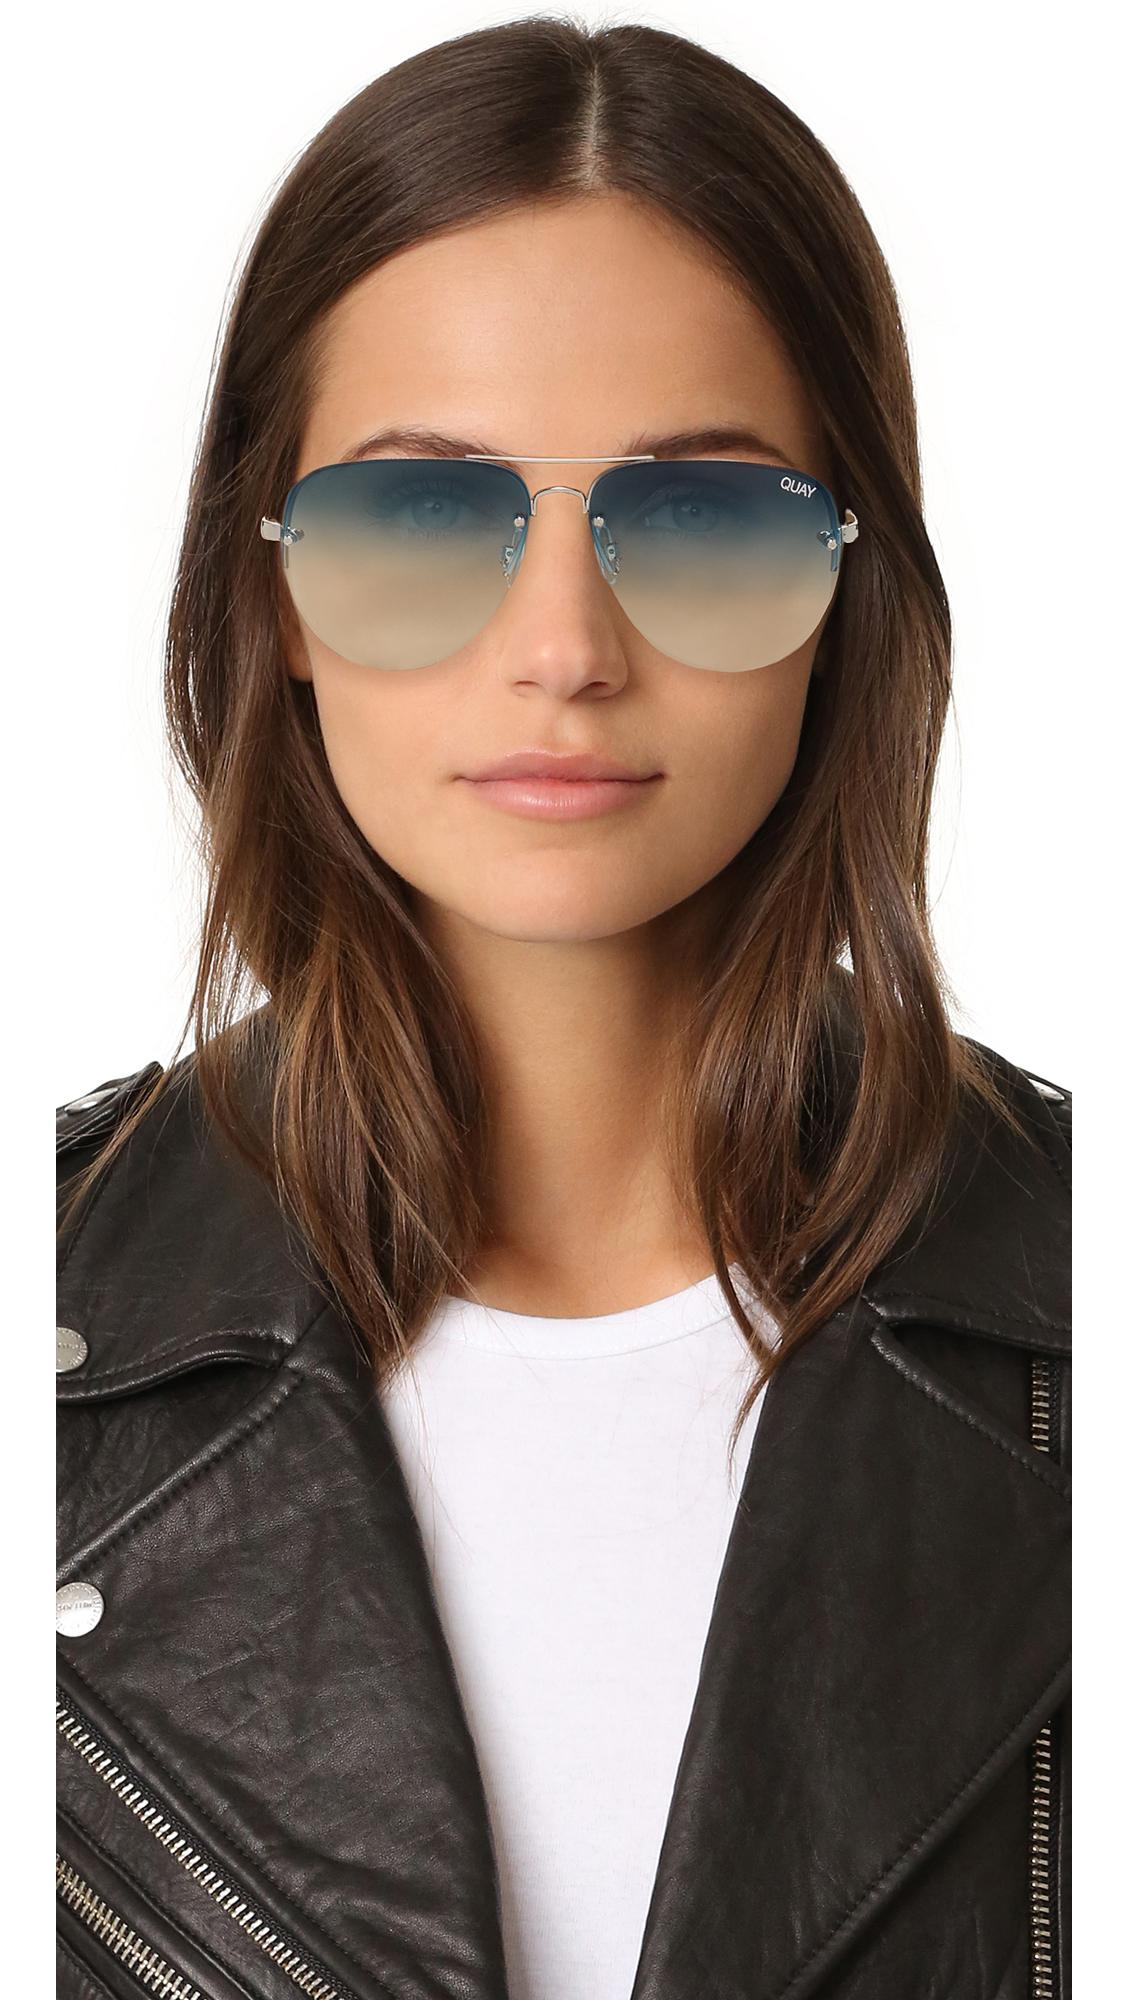 01dcb8a6f8 Quay Muse Fade Sunglasses